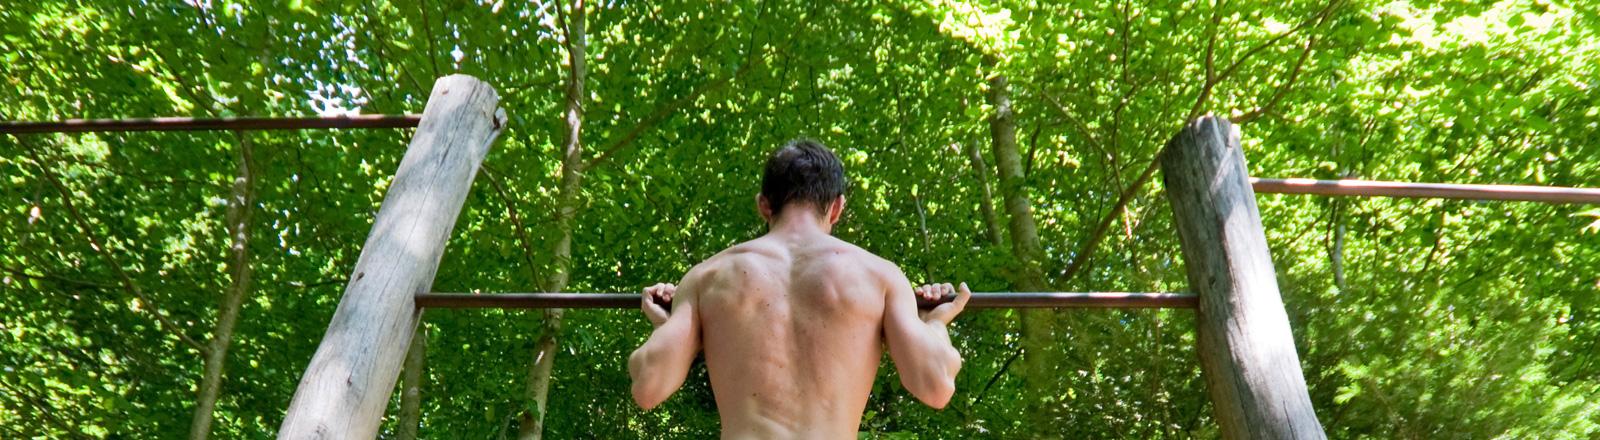 Ein Mann mit nacktem Oberkörper macht an einem Sportgerät im Wald Klimmzüge.